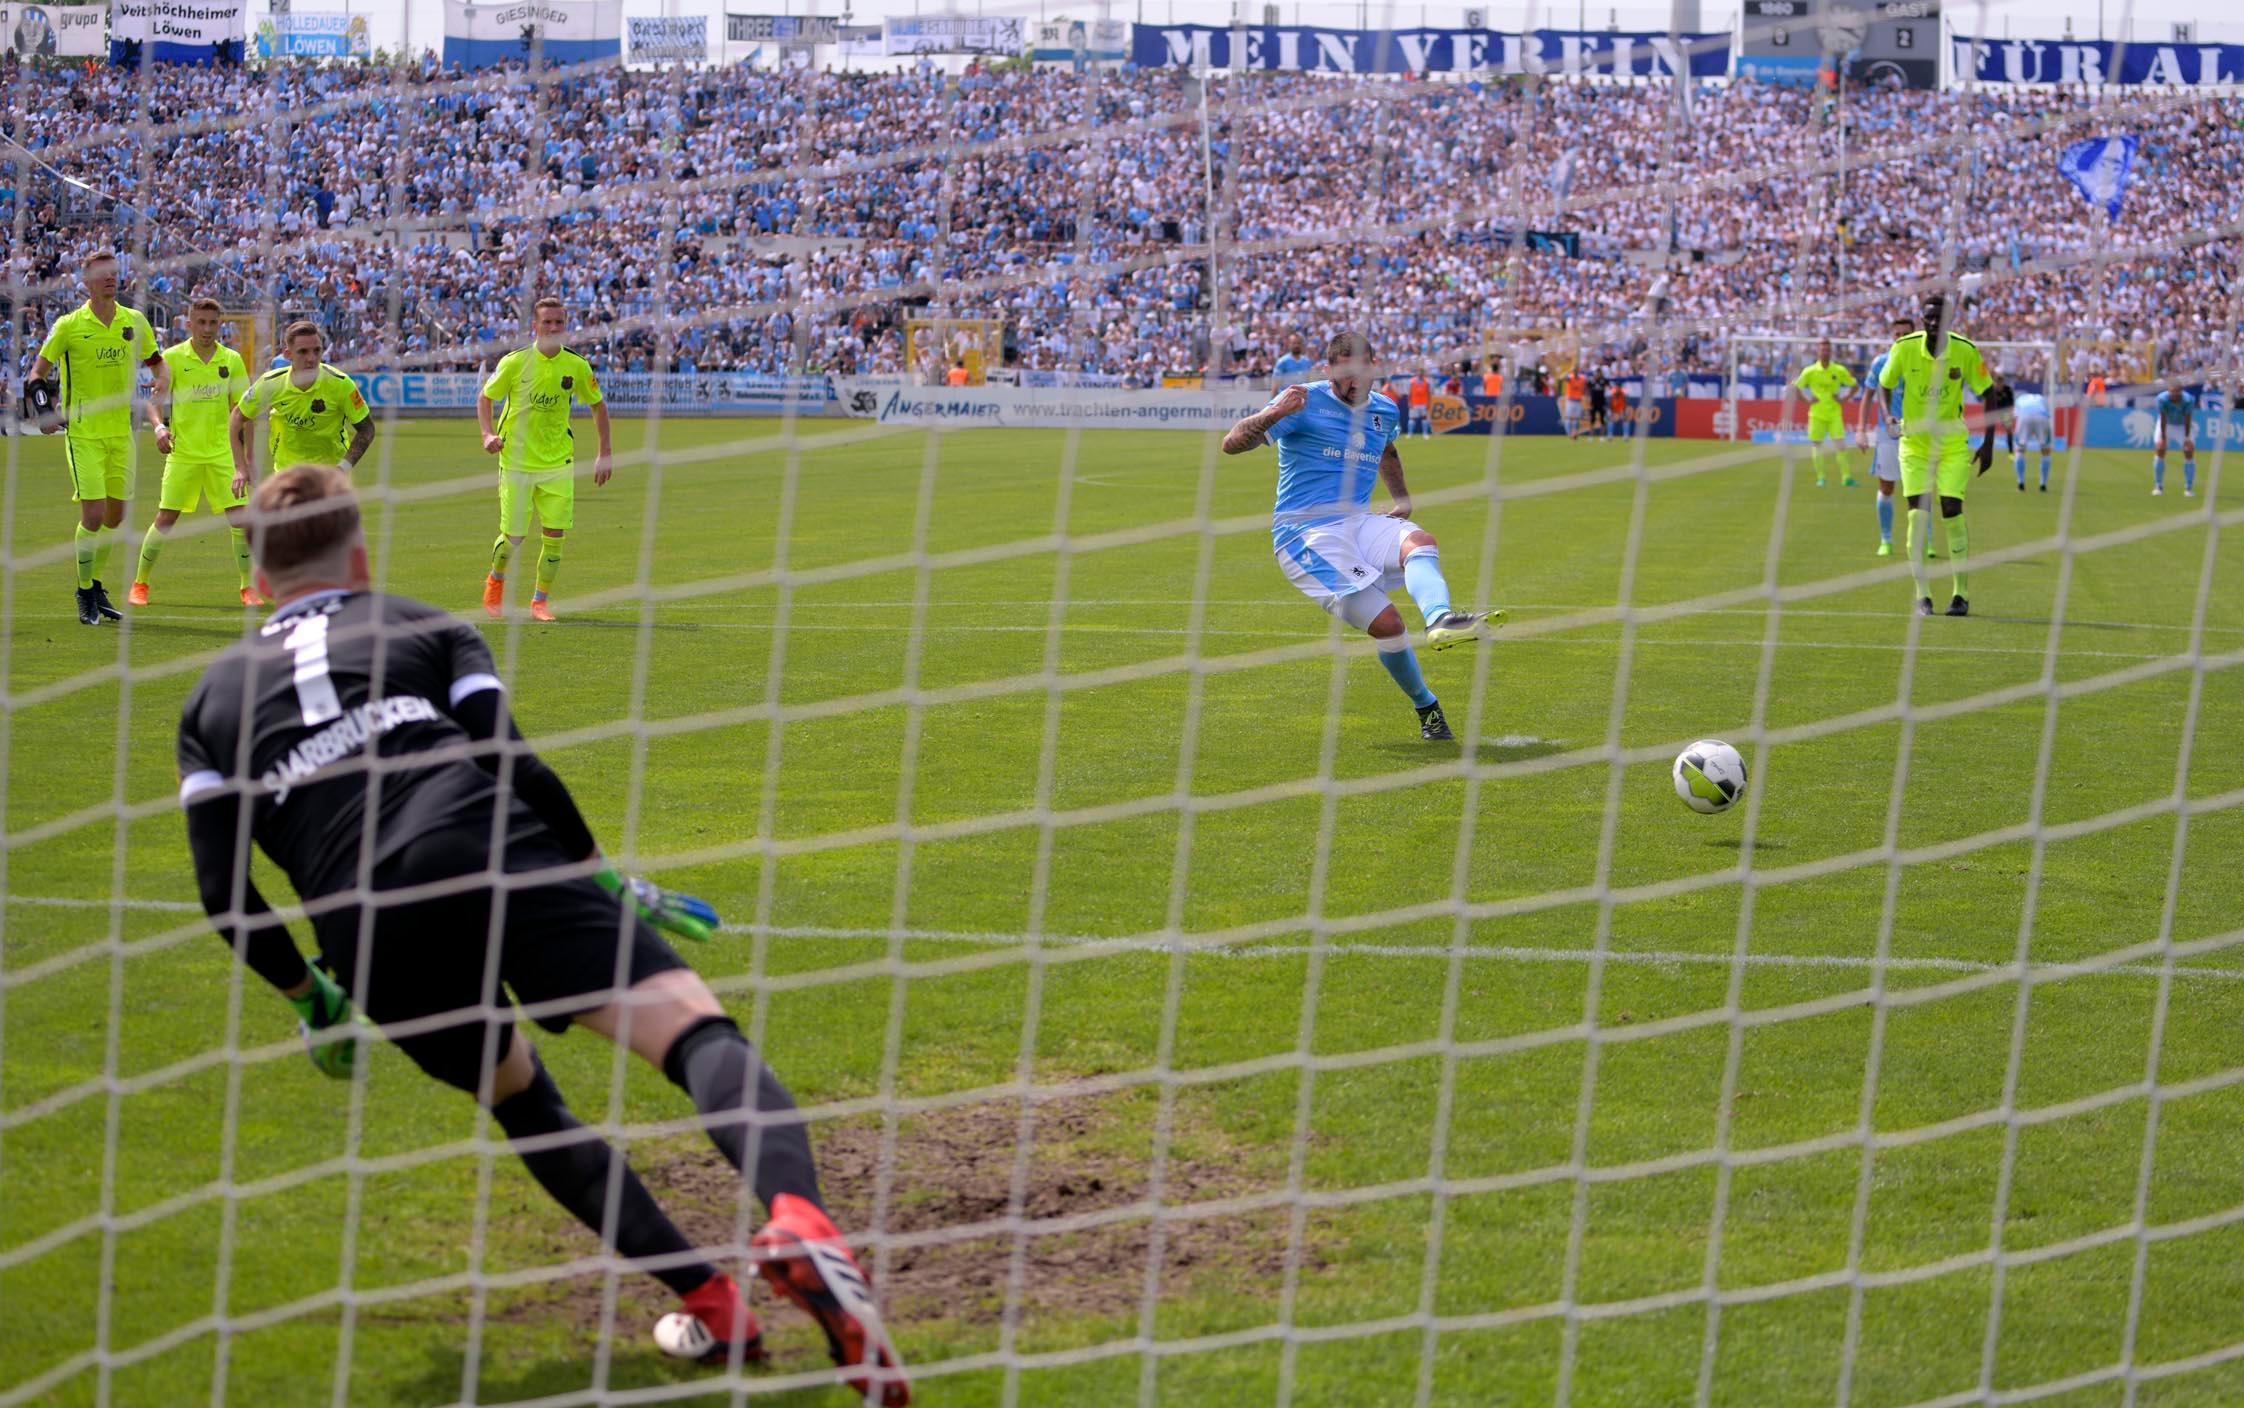 rückspiel relegation bundesliga